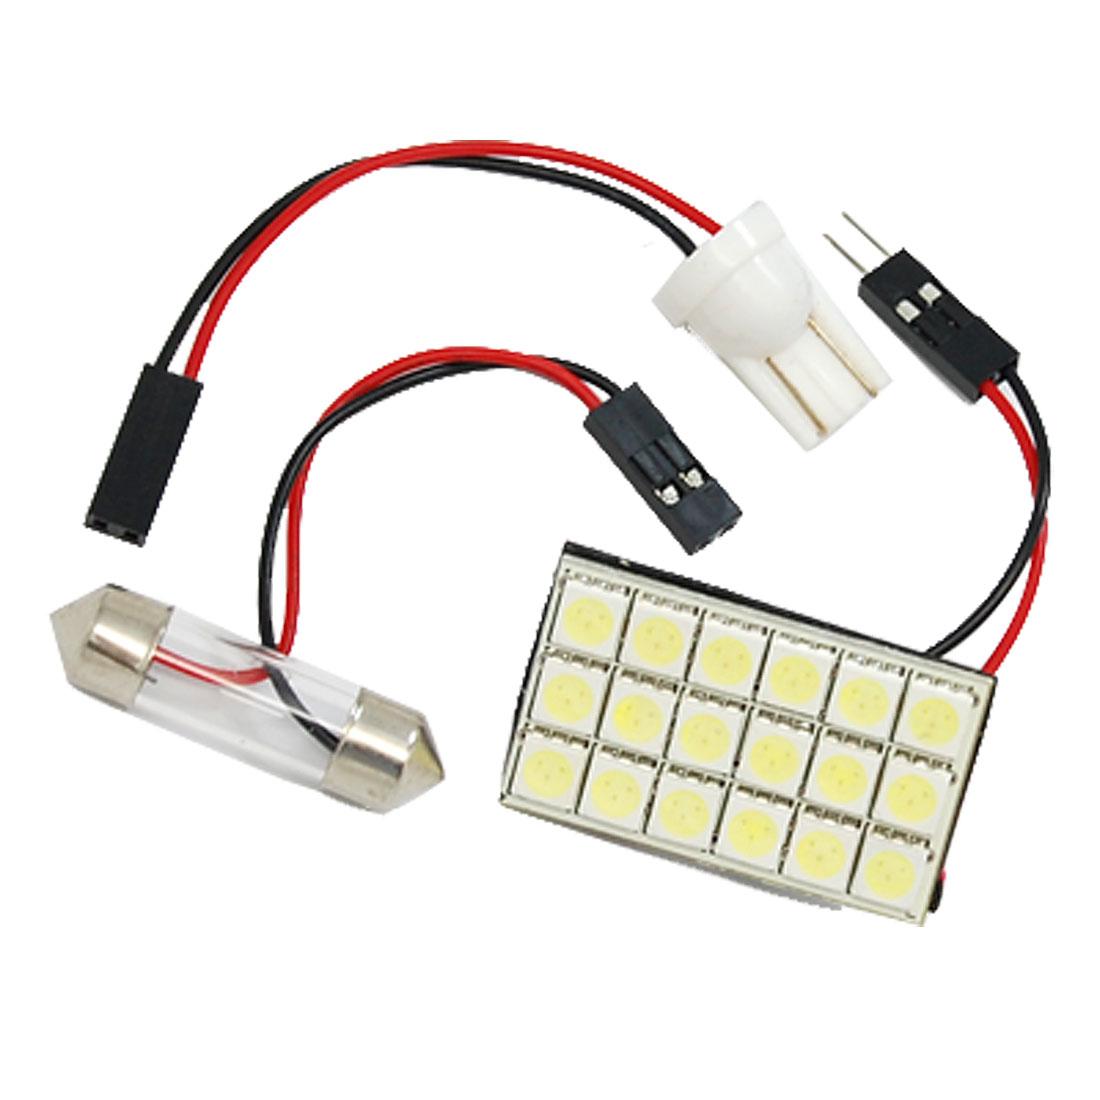 Car 18 5050 SMD LED Dome Light Bulb T10/Festoon White 12V